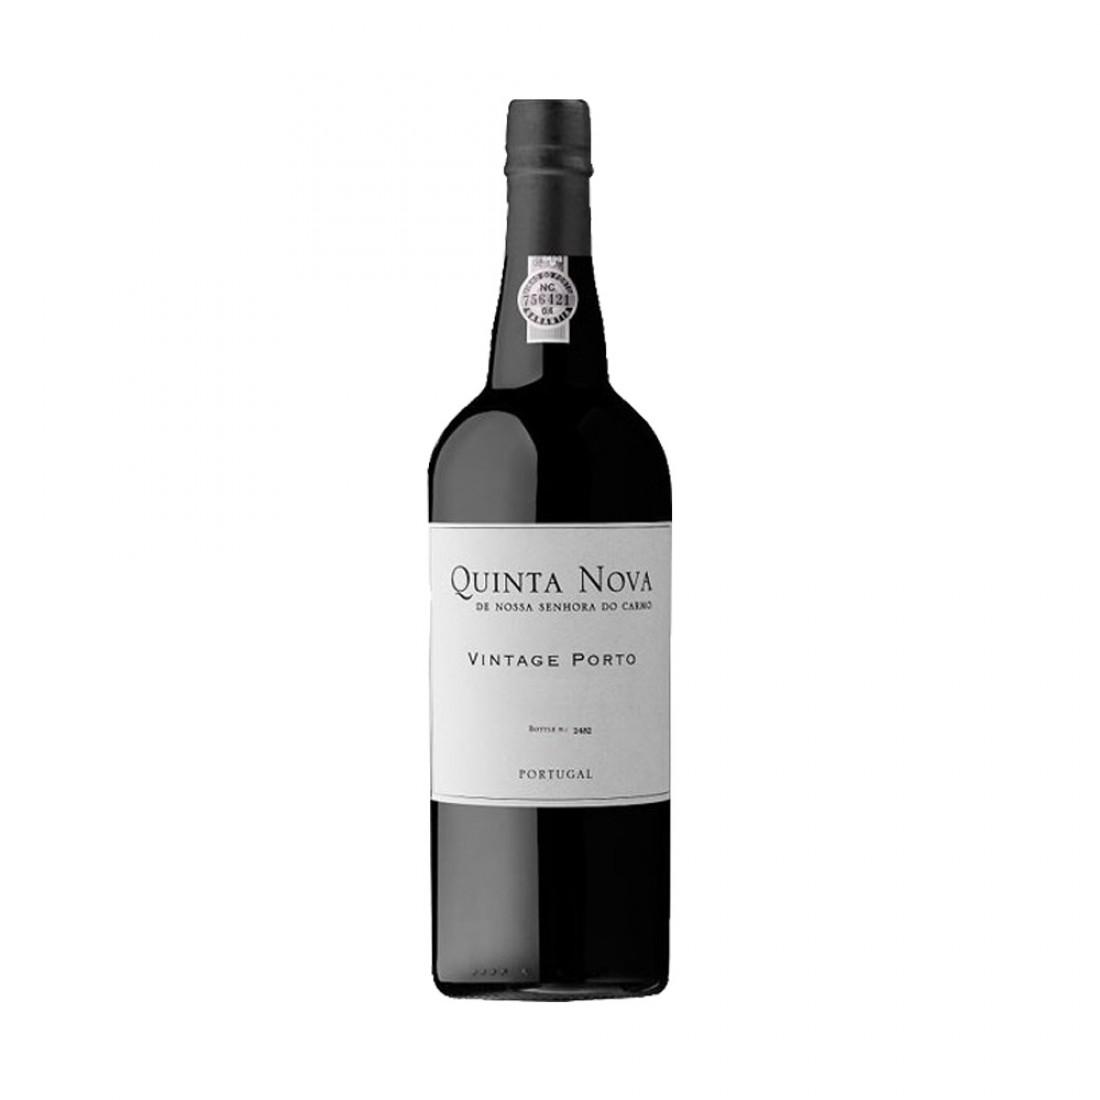 Vinho Do Porto Quinta Nova Senhora do Carmo Vintage 2008